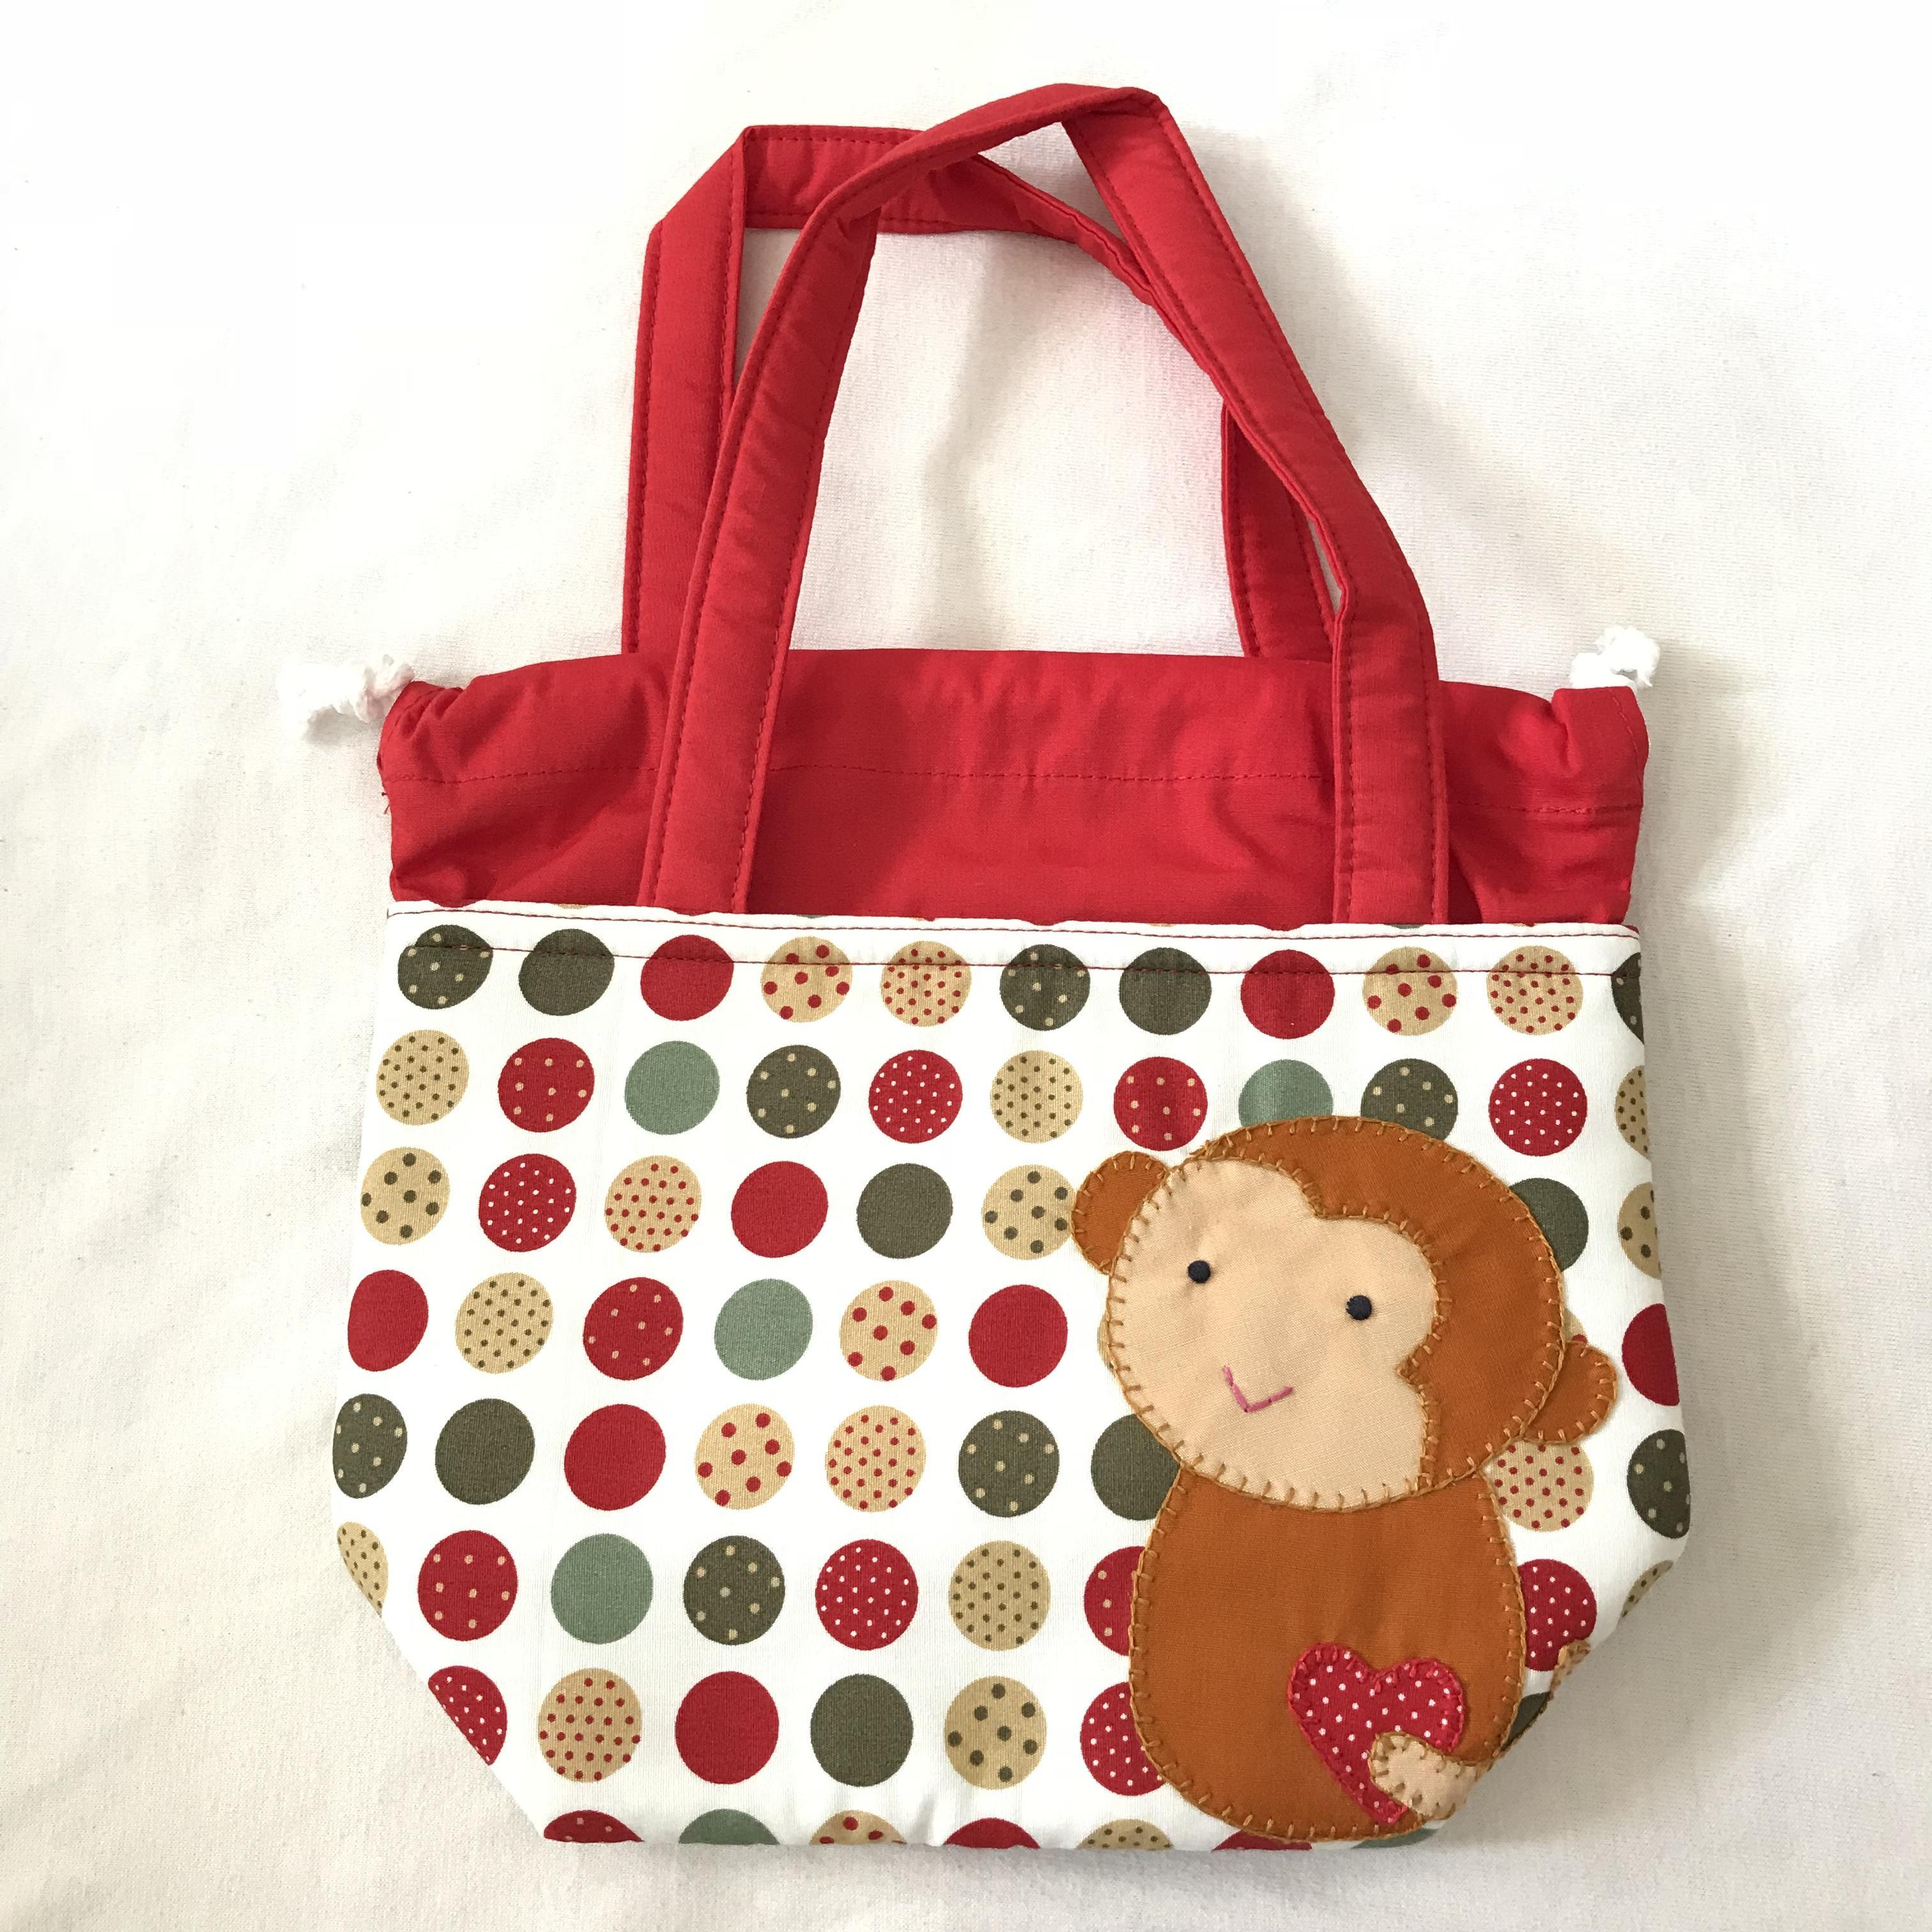 ** พร้อมส่งค่ะ ** กระเป๋าหูรูด ลายลิงน้อย สีแดง